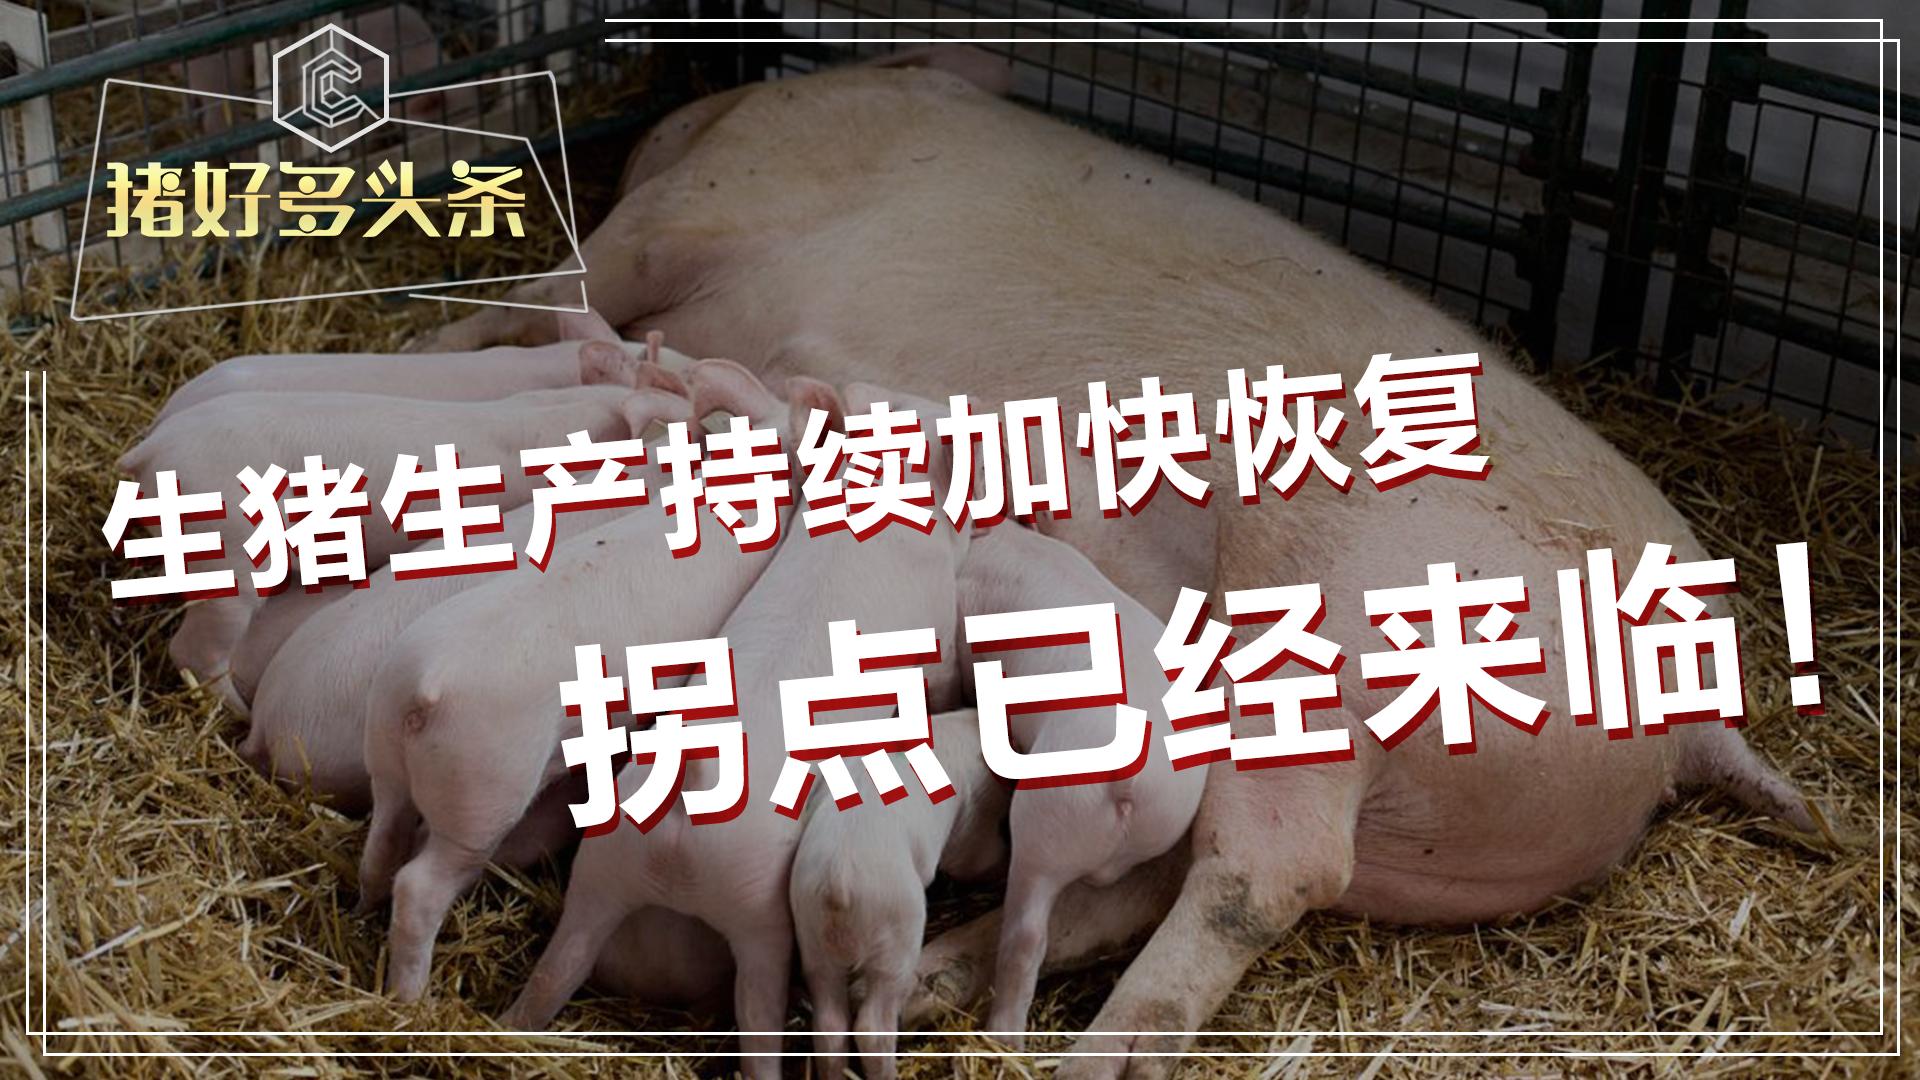 猪价拐点已至,主要表现在以下几个指标,这波行情是否还赶得上?